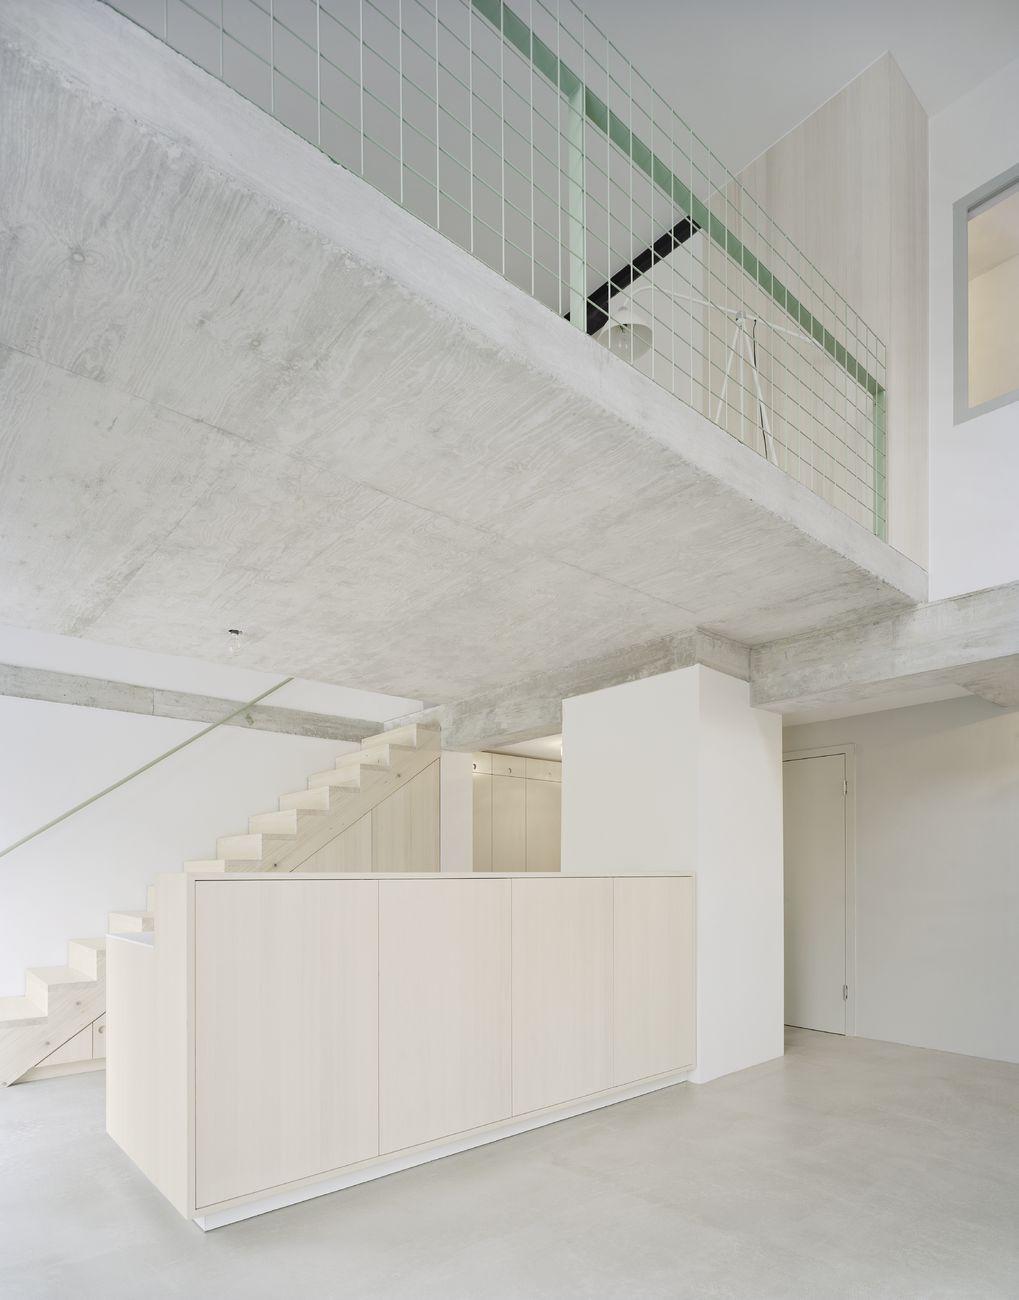 NUB - Umbau und Modernisierung eines Reihenendhauses, Stuttgart, Deutschland